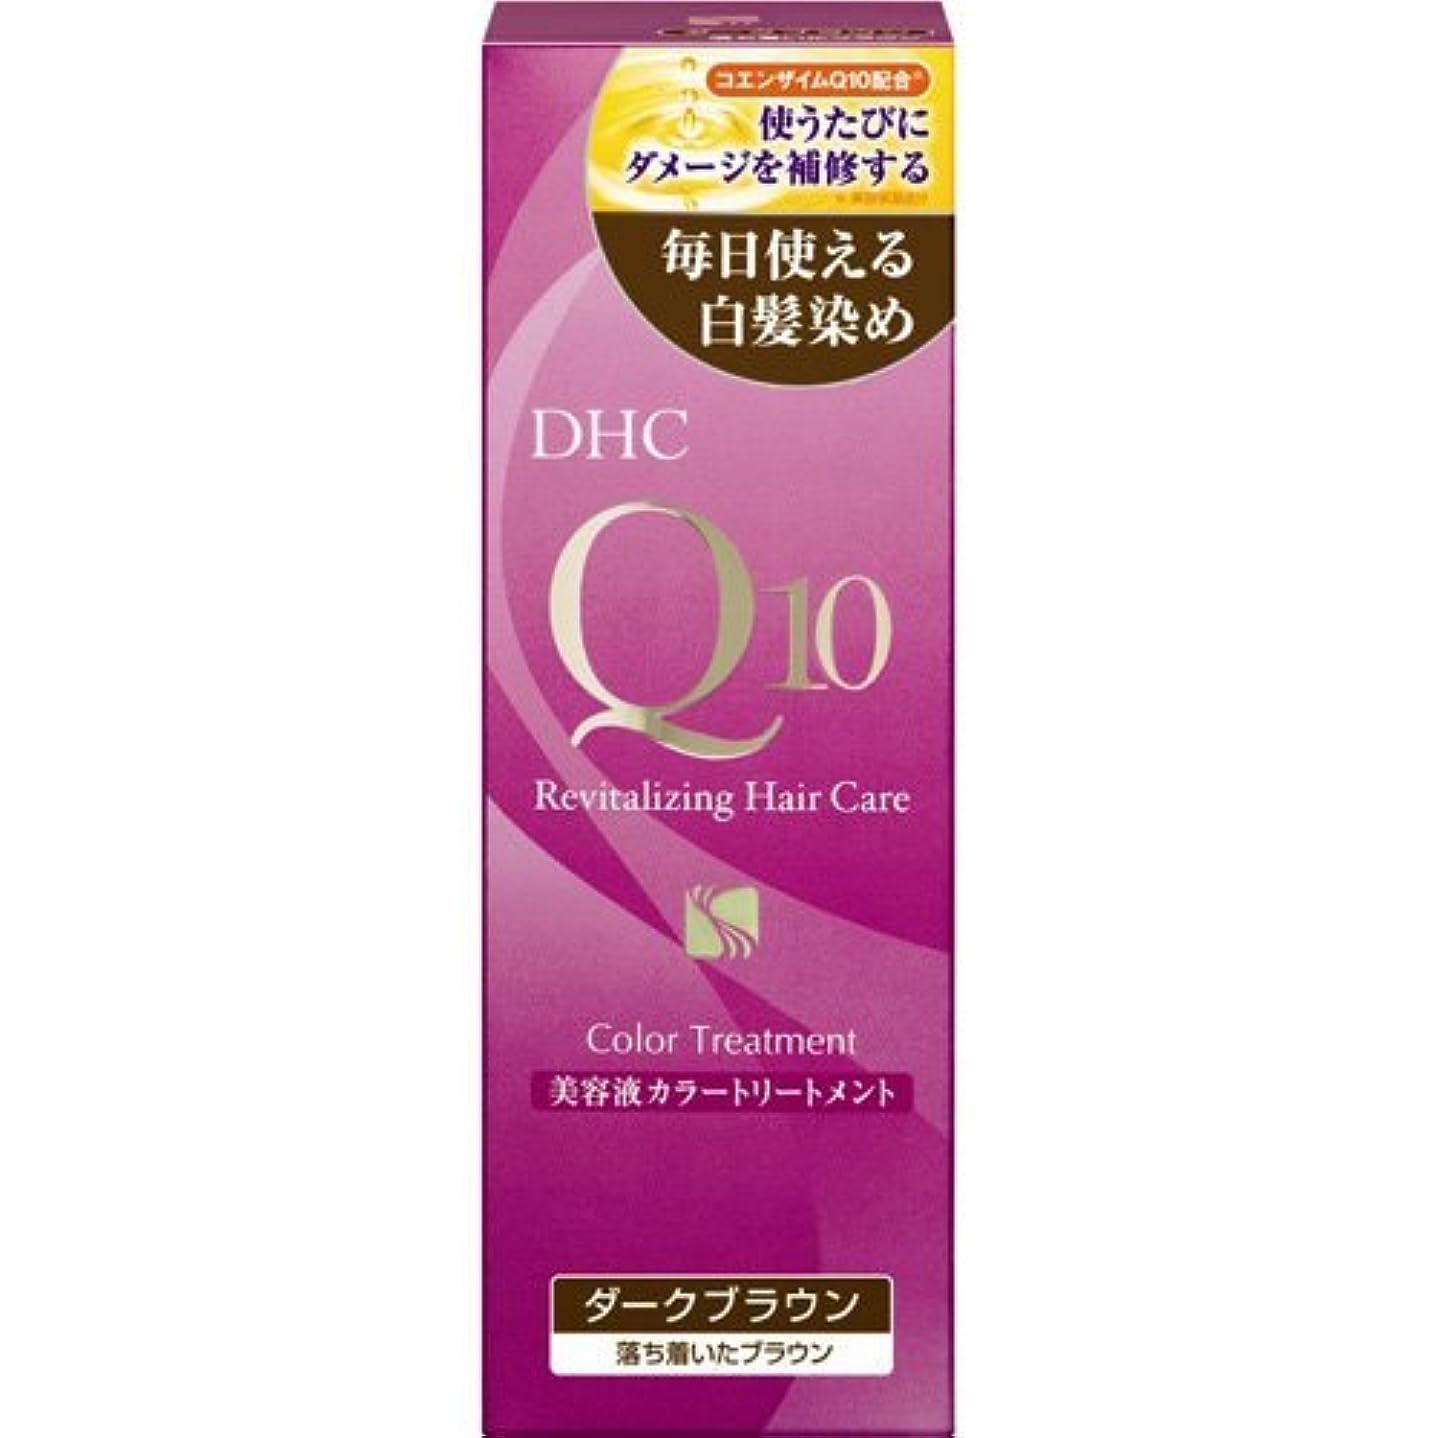 マネージャーラフト若さ【まとめ買い】DHC Q10美溶液カラートリートメントDブラウンSS170g ×5個